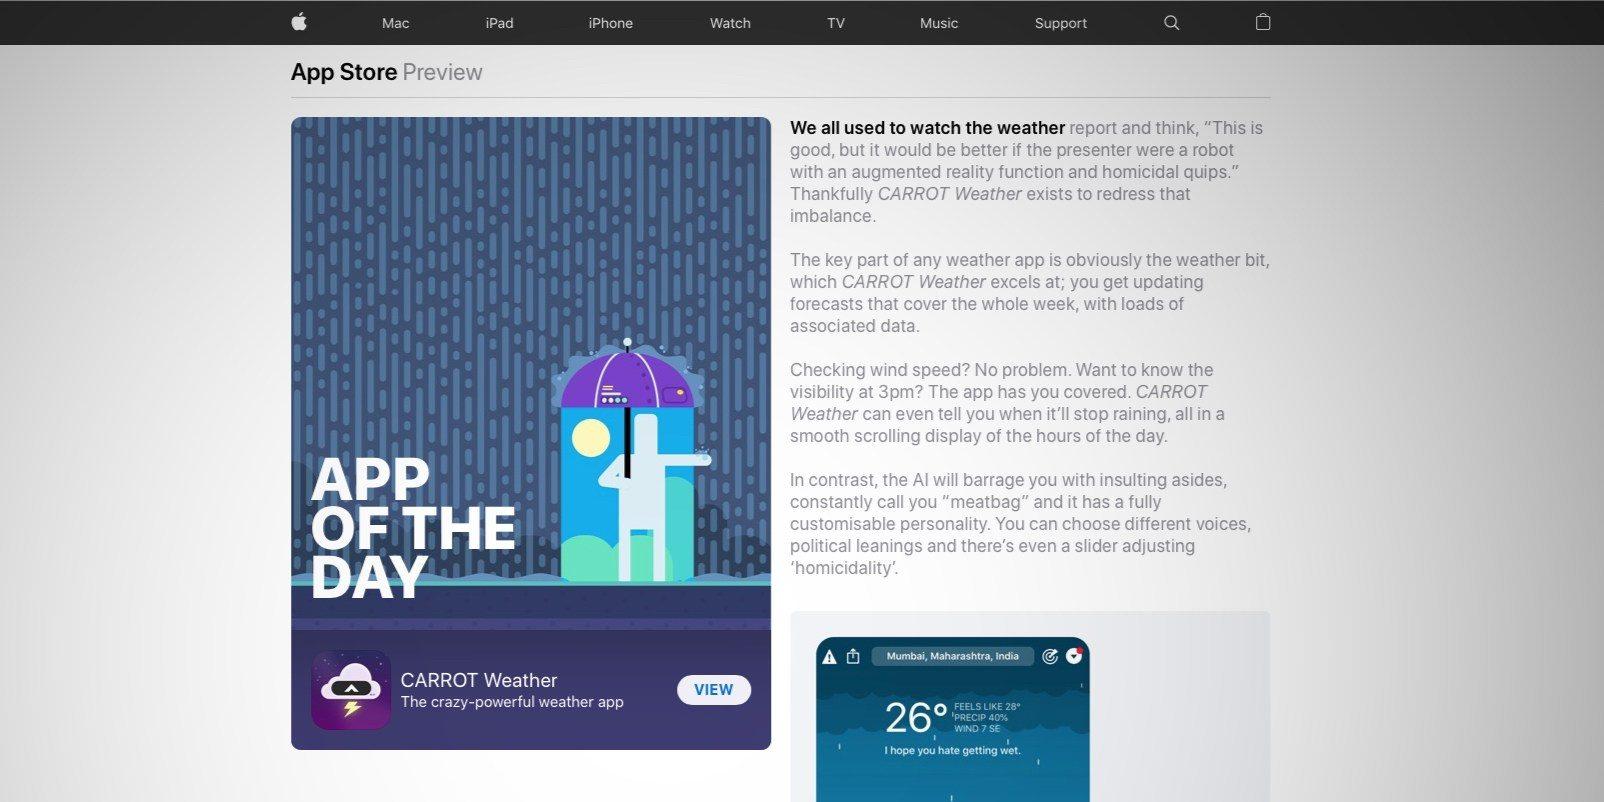 App Store Today 故事现在能在网页上阅读了